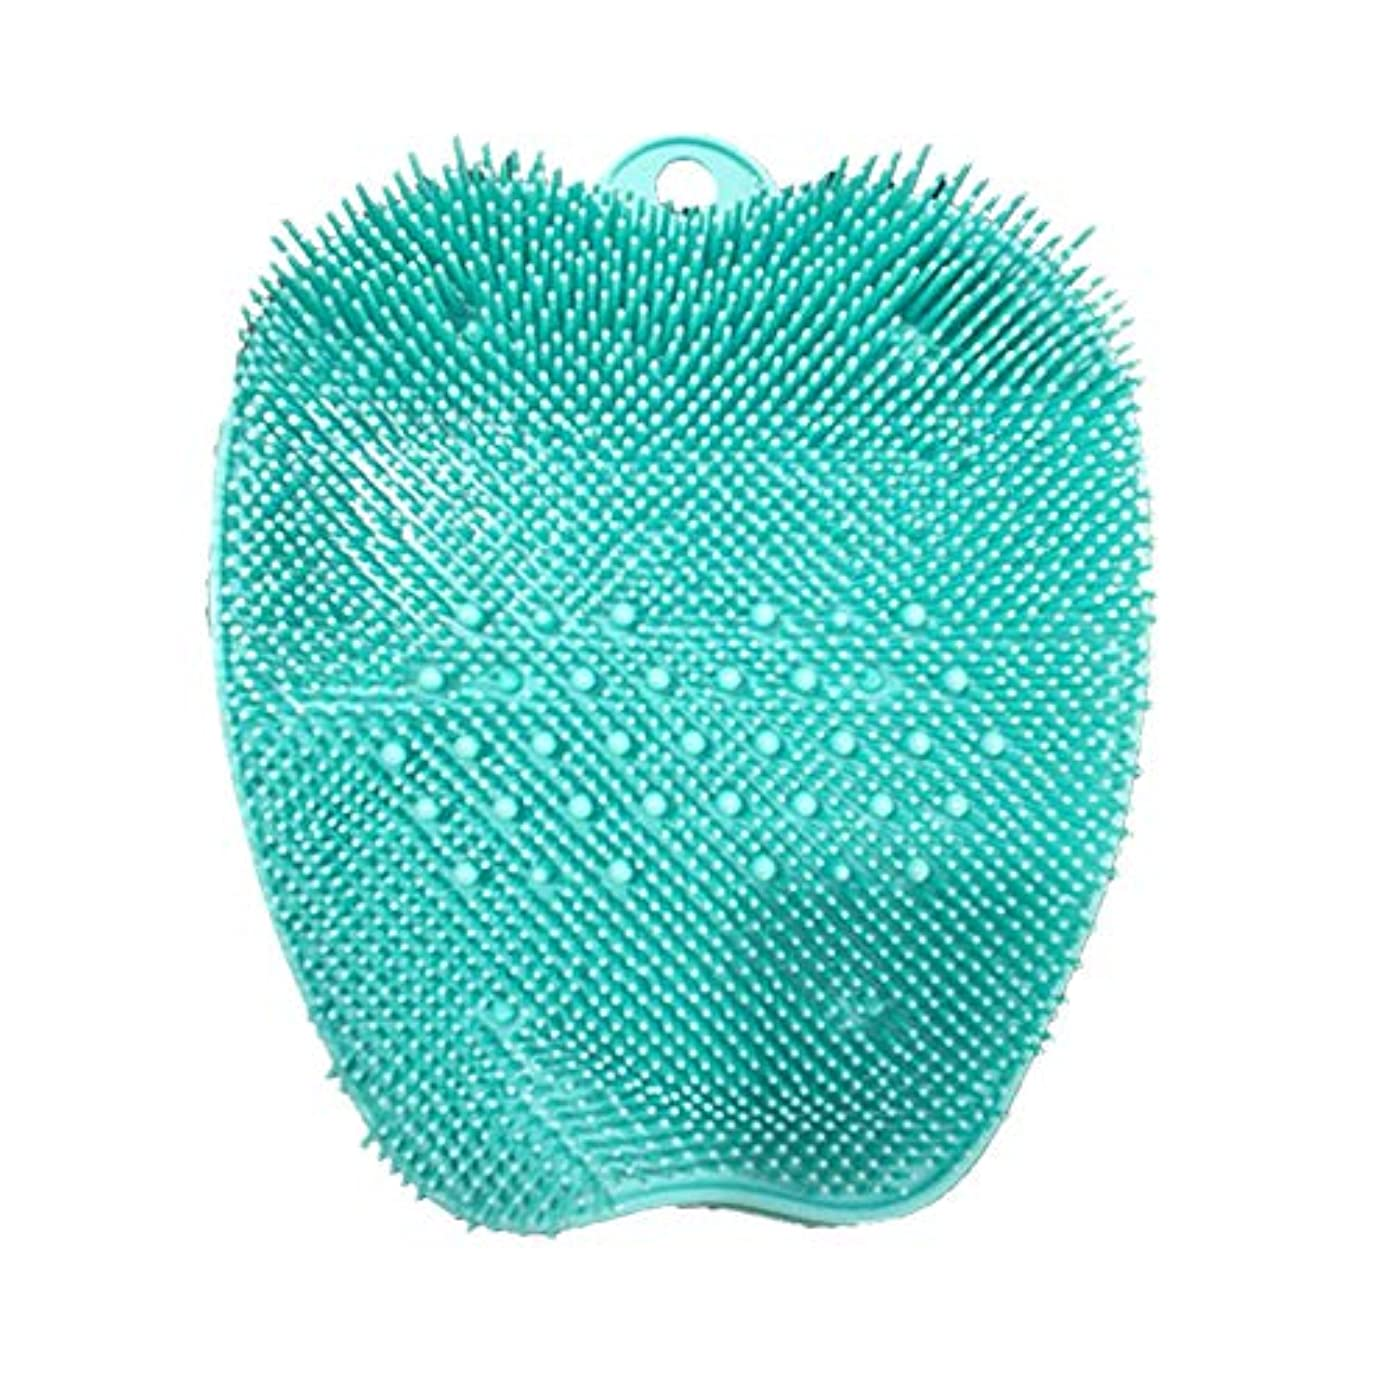 条約枯渇ぴったりsunite 足洗いマット 足洗いブラシ 滑らない吸盤付き ブルー フットケア フットブラシ 角質ケアブラシ お風呂で使える